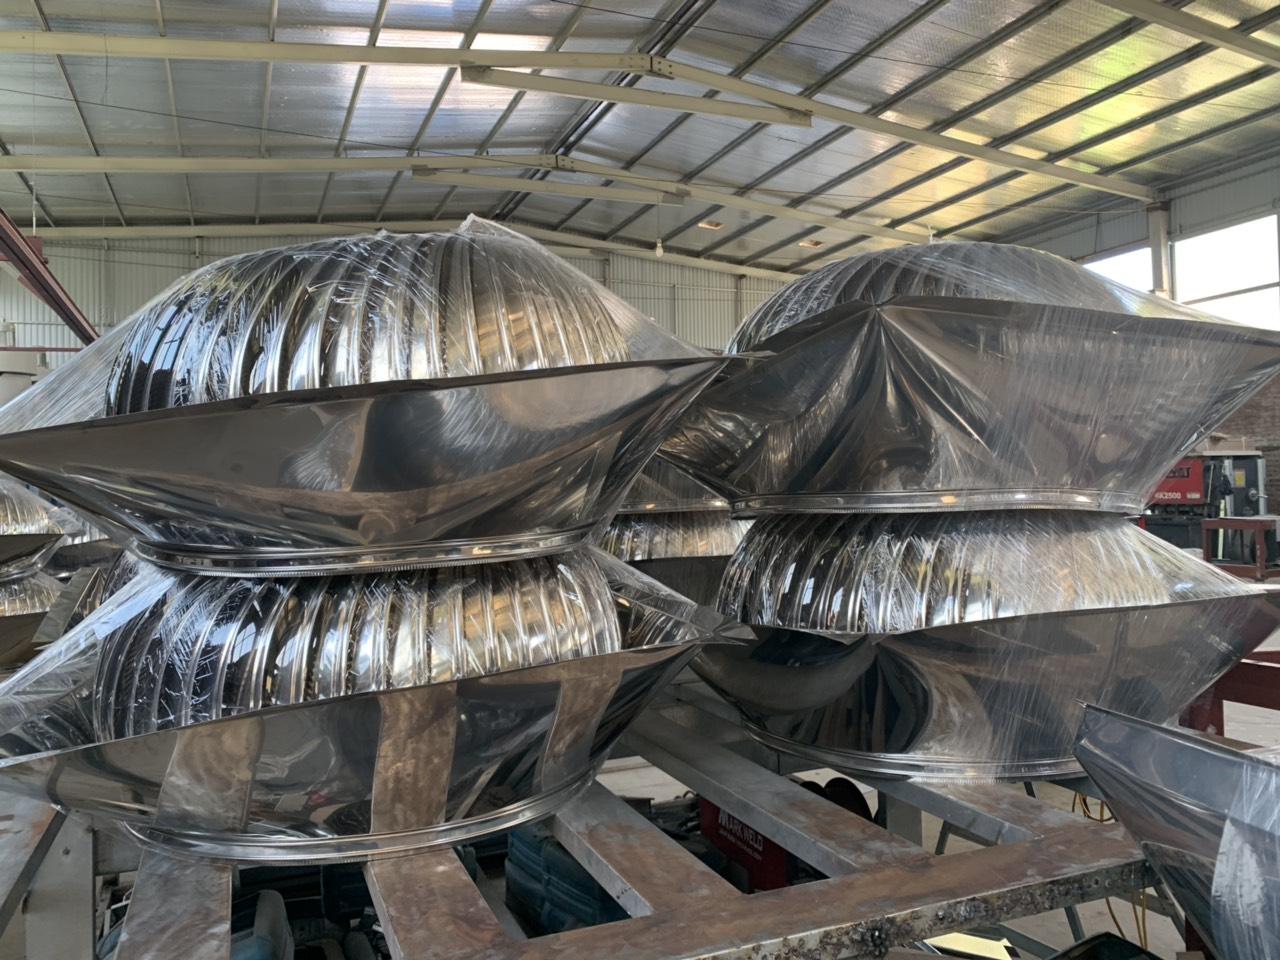 Hiện nay quả cầu thông gió được sử dụng rất nhiều cho các nhà xưởng